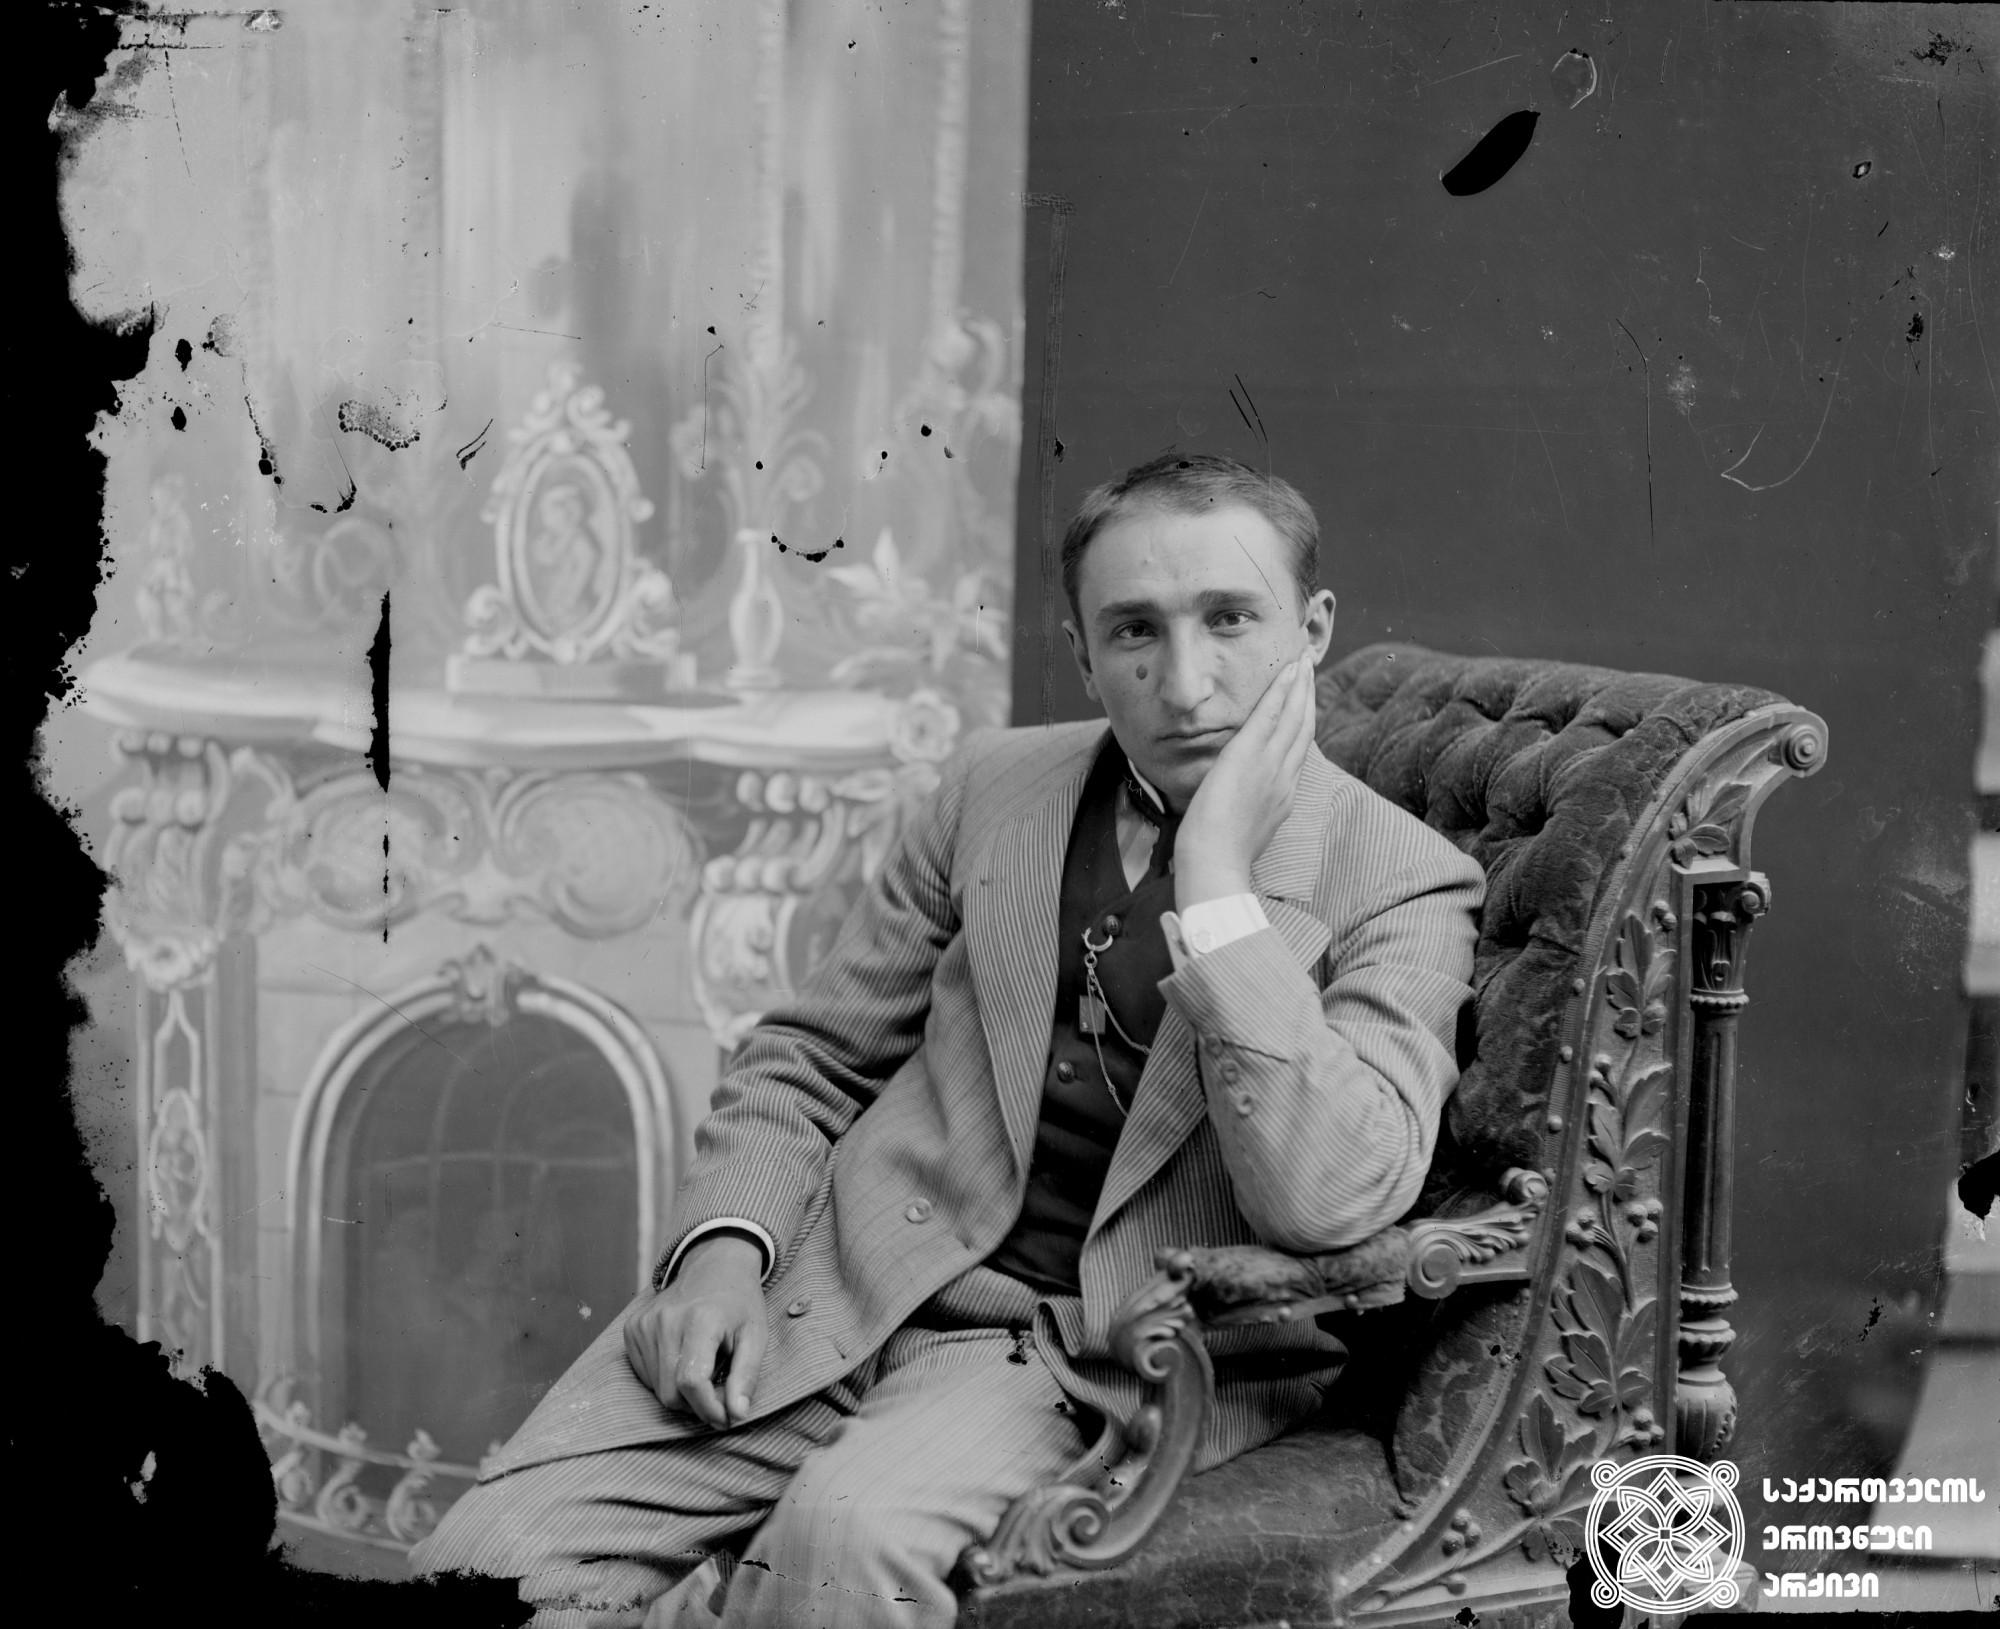 მსახიობი ალექსანდრე იმედაშვილი (1882-1942). <br> მინის ნეგატივი 12X16. <br> Actor Aleksande Imedashvili (1882-1942). <br> Glass negative 12X16. <br>